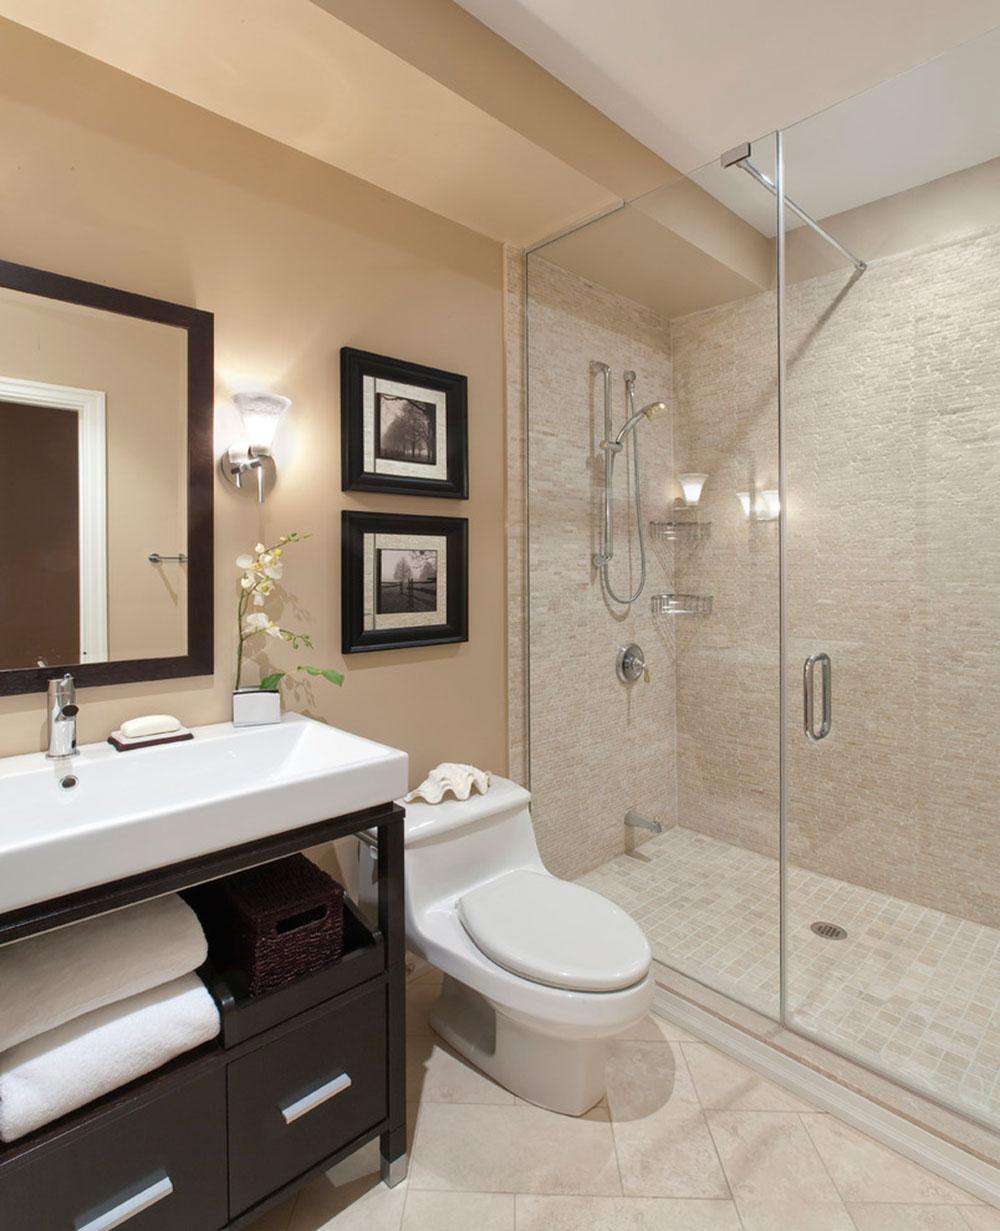 Det eleganta badrummet bör prioriteras8 Det eleganta badrummet bör prioriteras